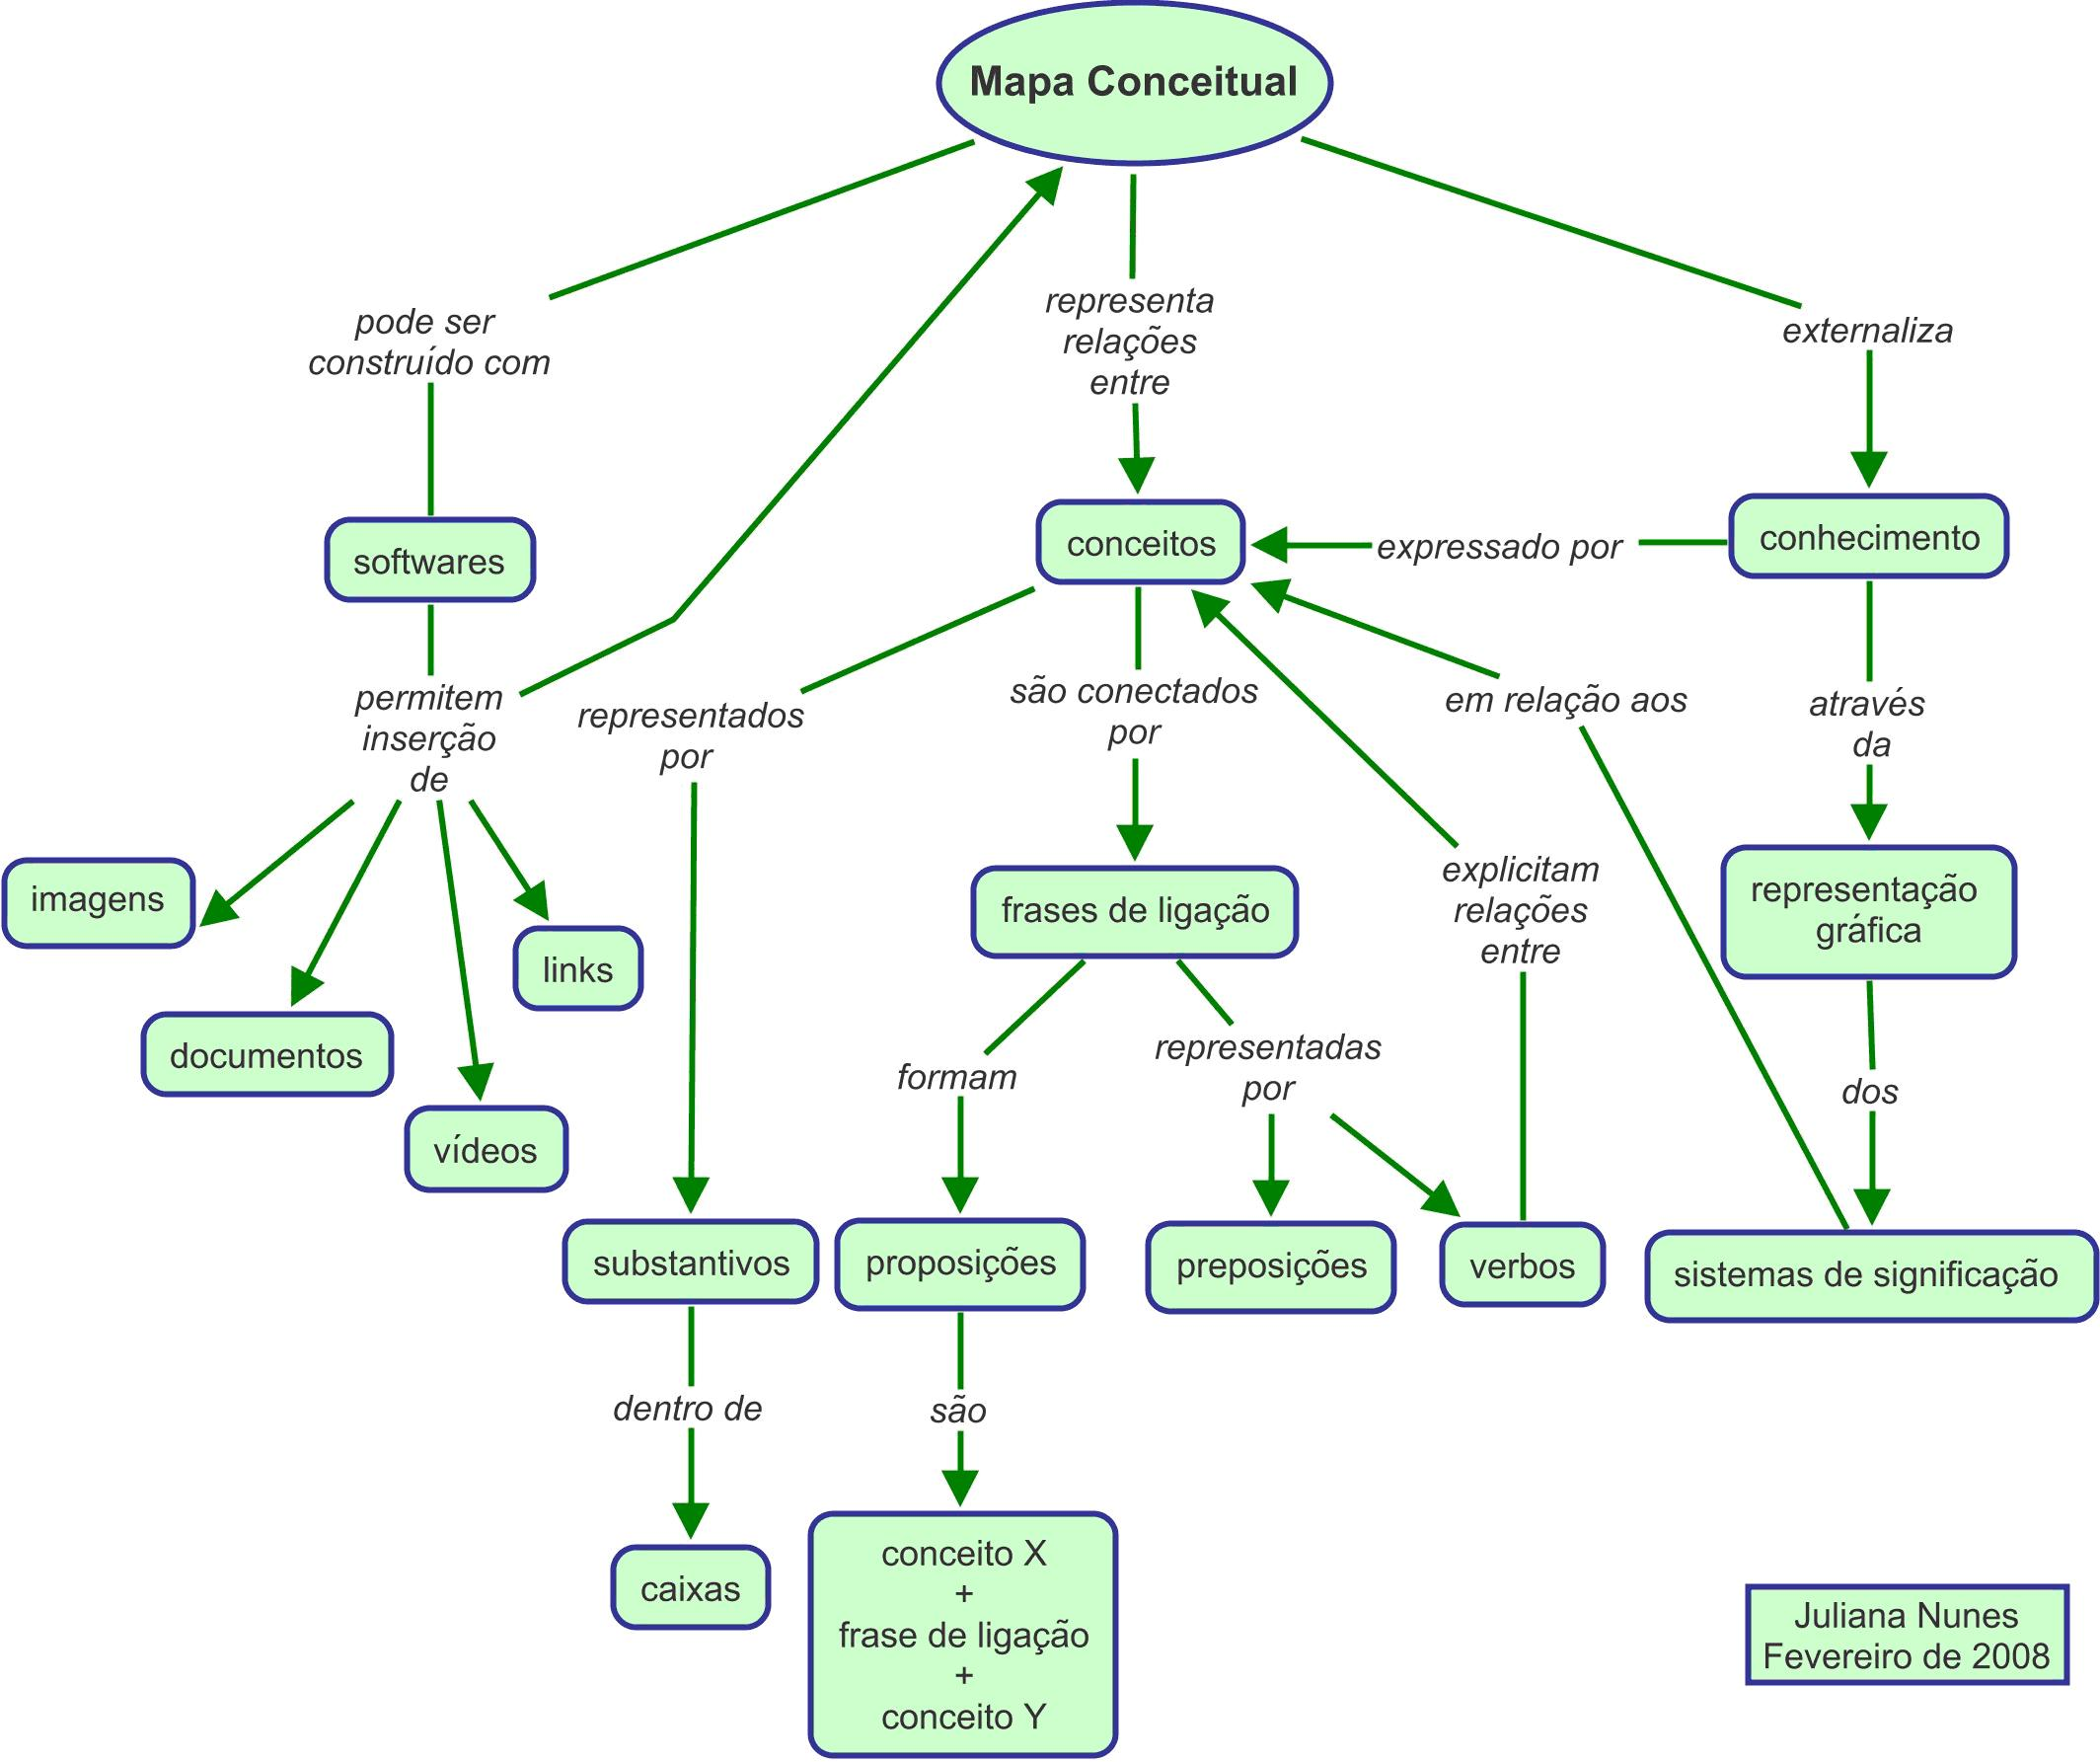 mapa de conceitos Mapa conceitual   Corais mapa de conceitos